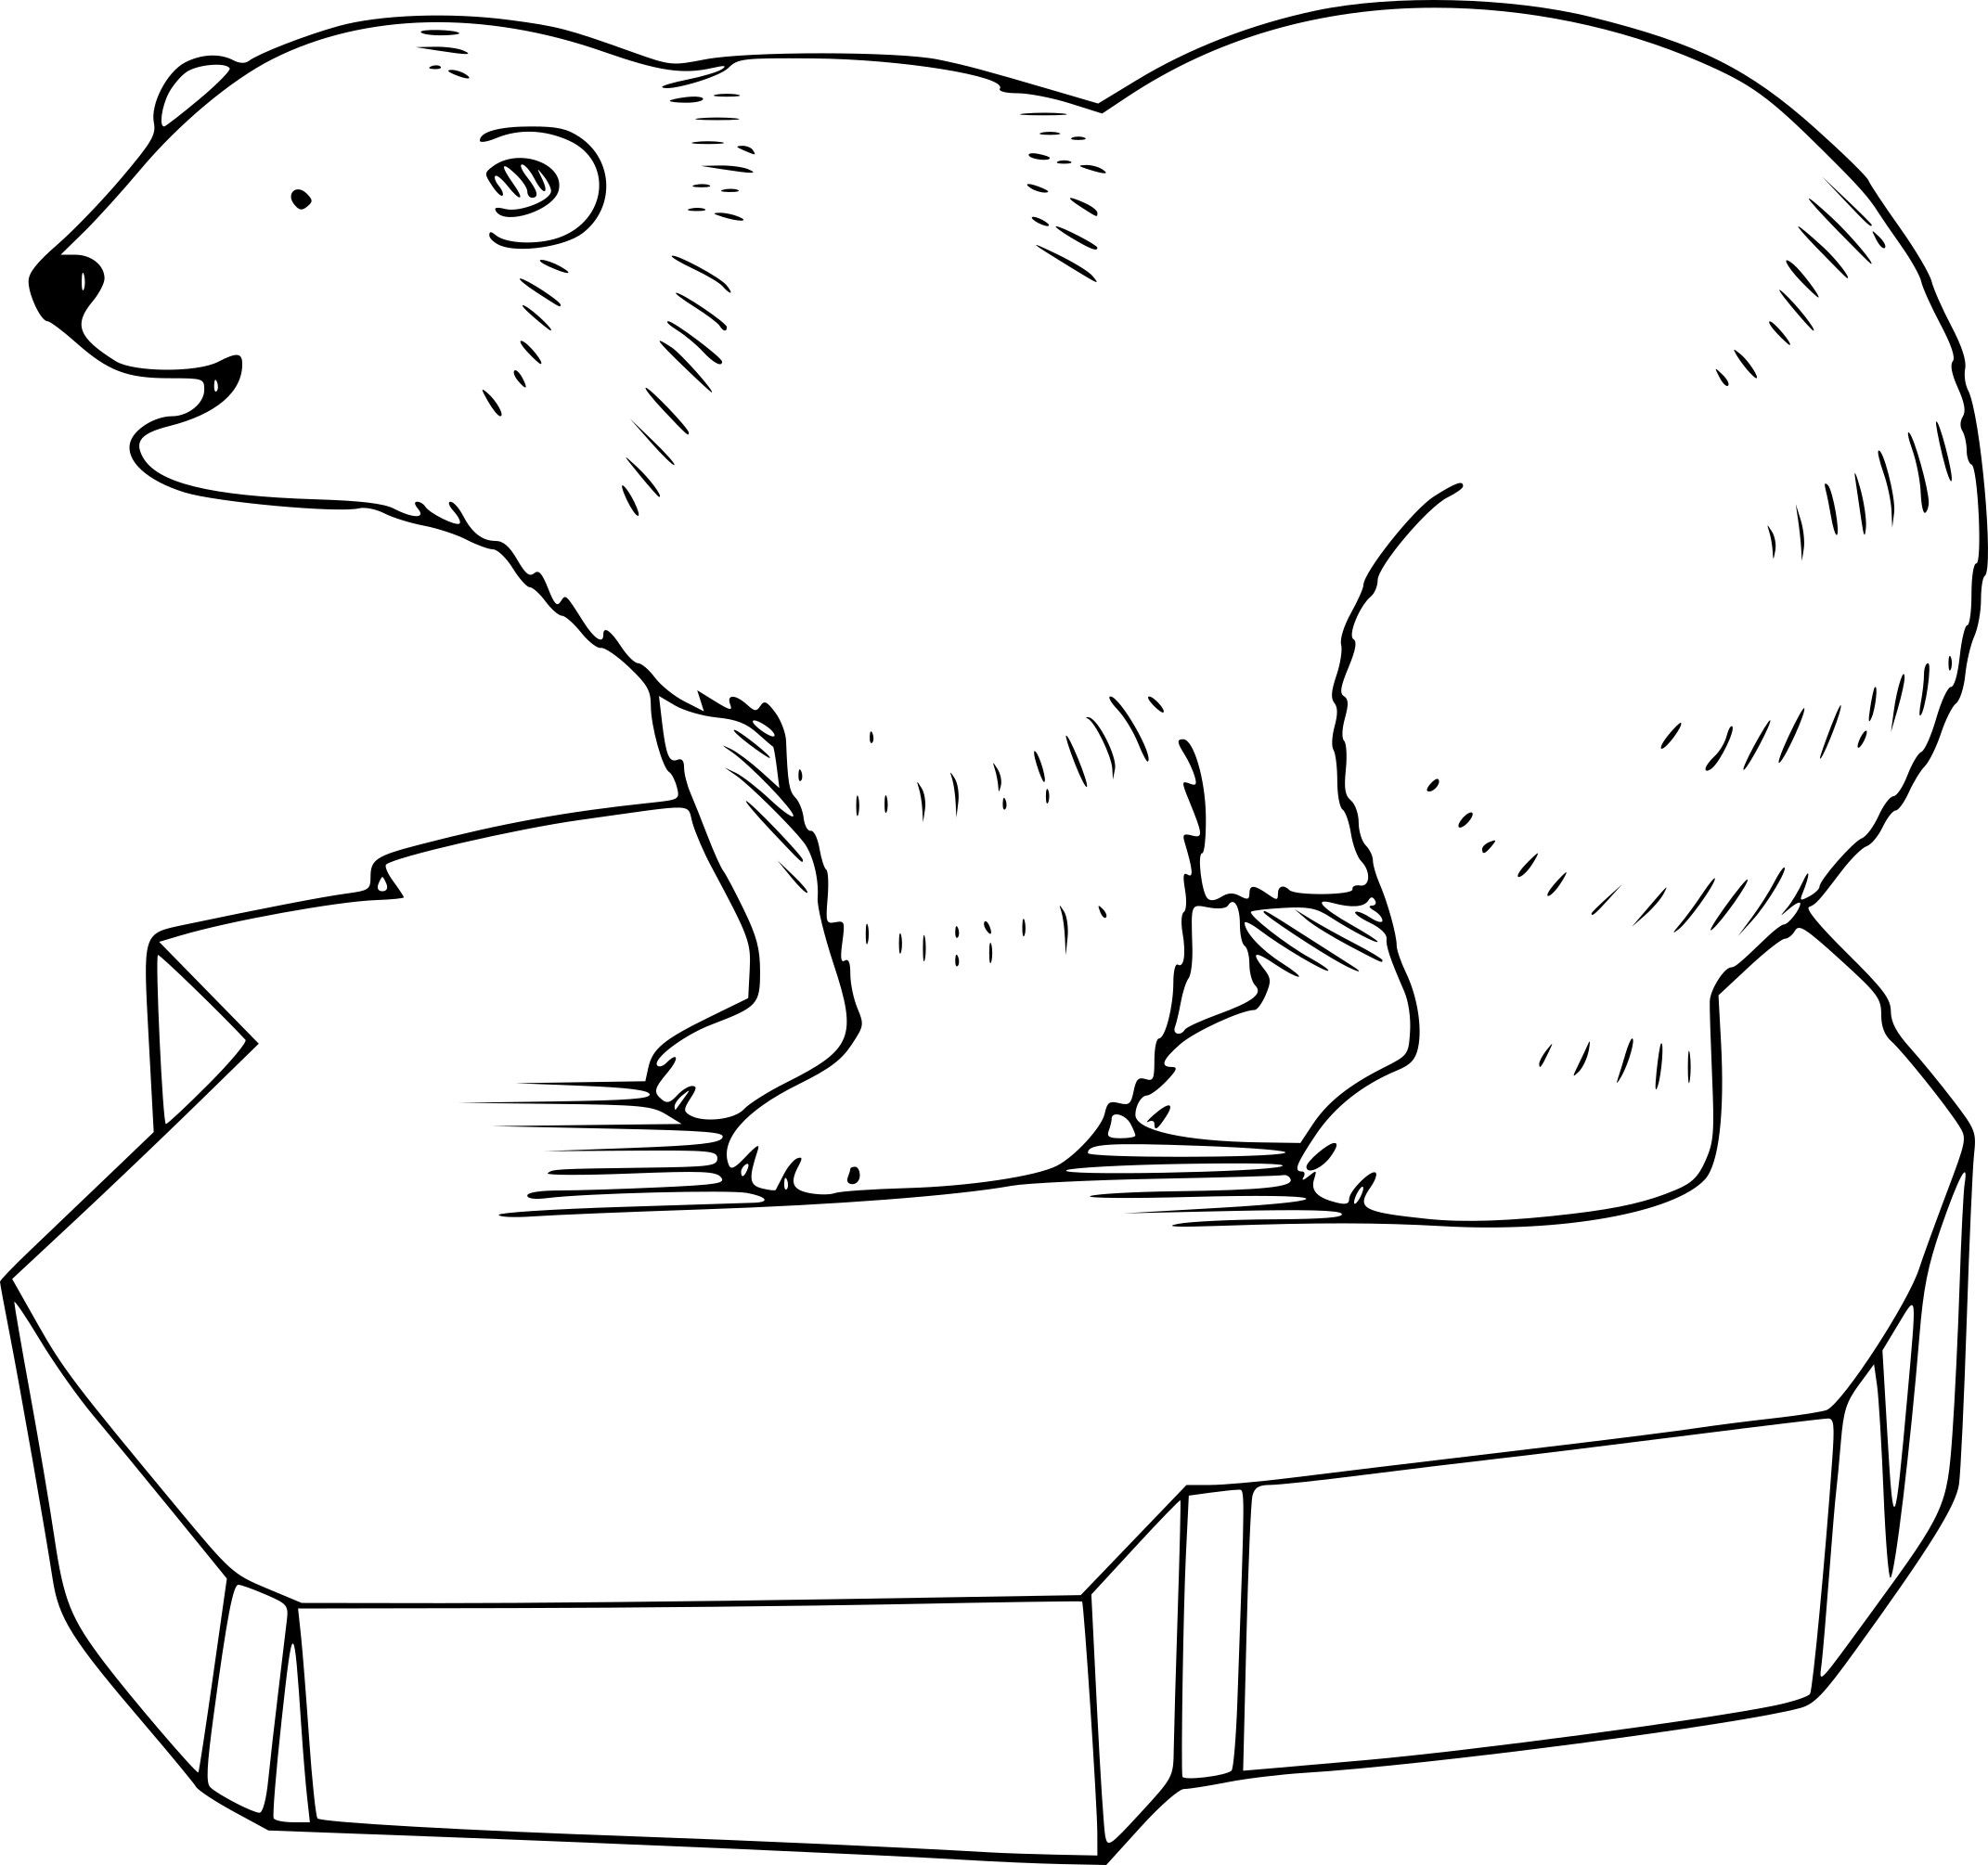 R sultat de recherche d 39 images pour dessin d 39 ours polaire - Ours en dessin ...